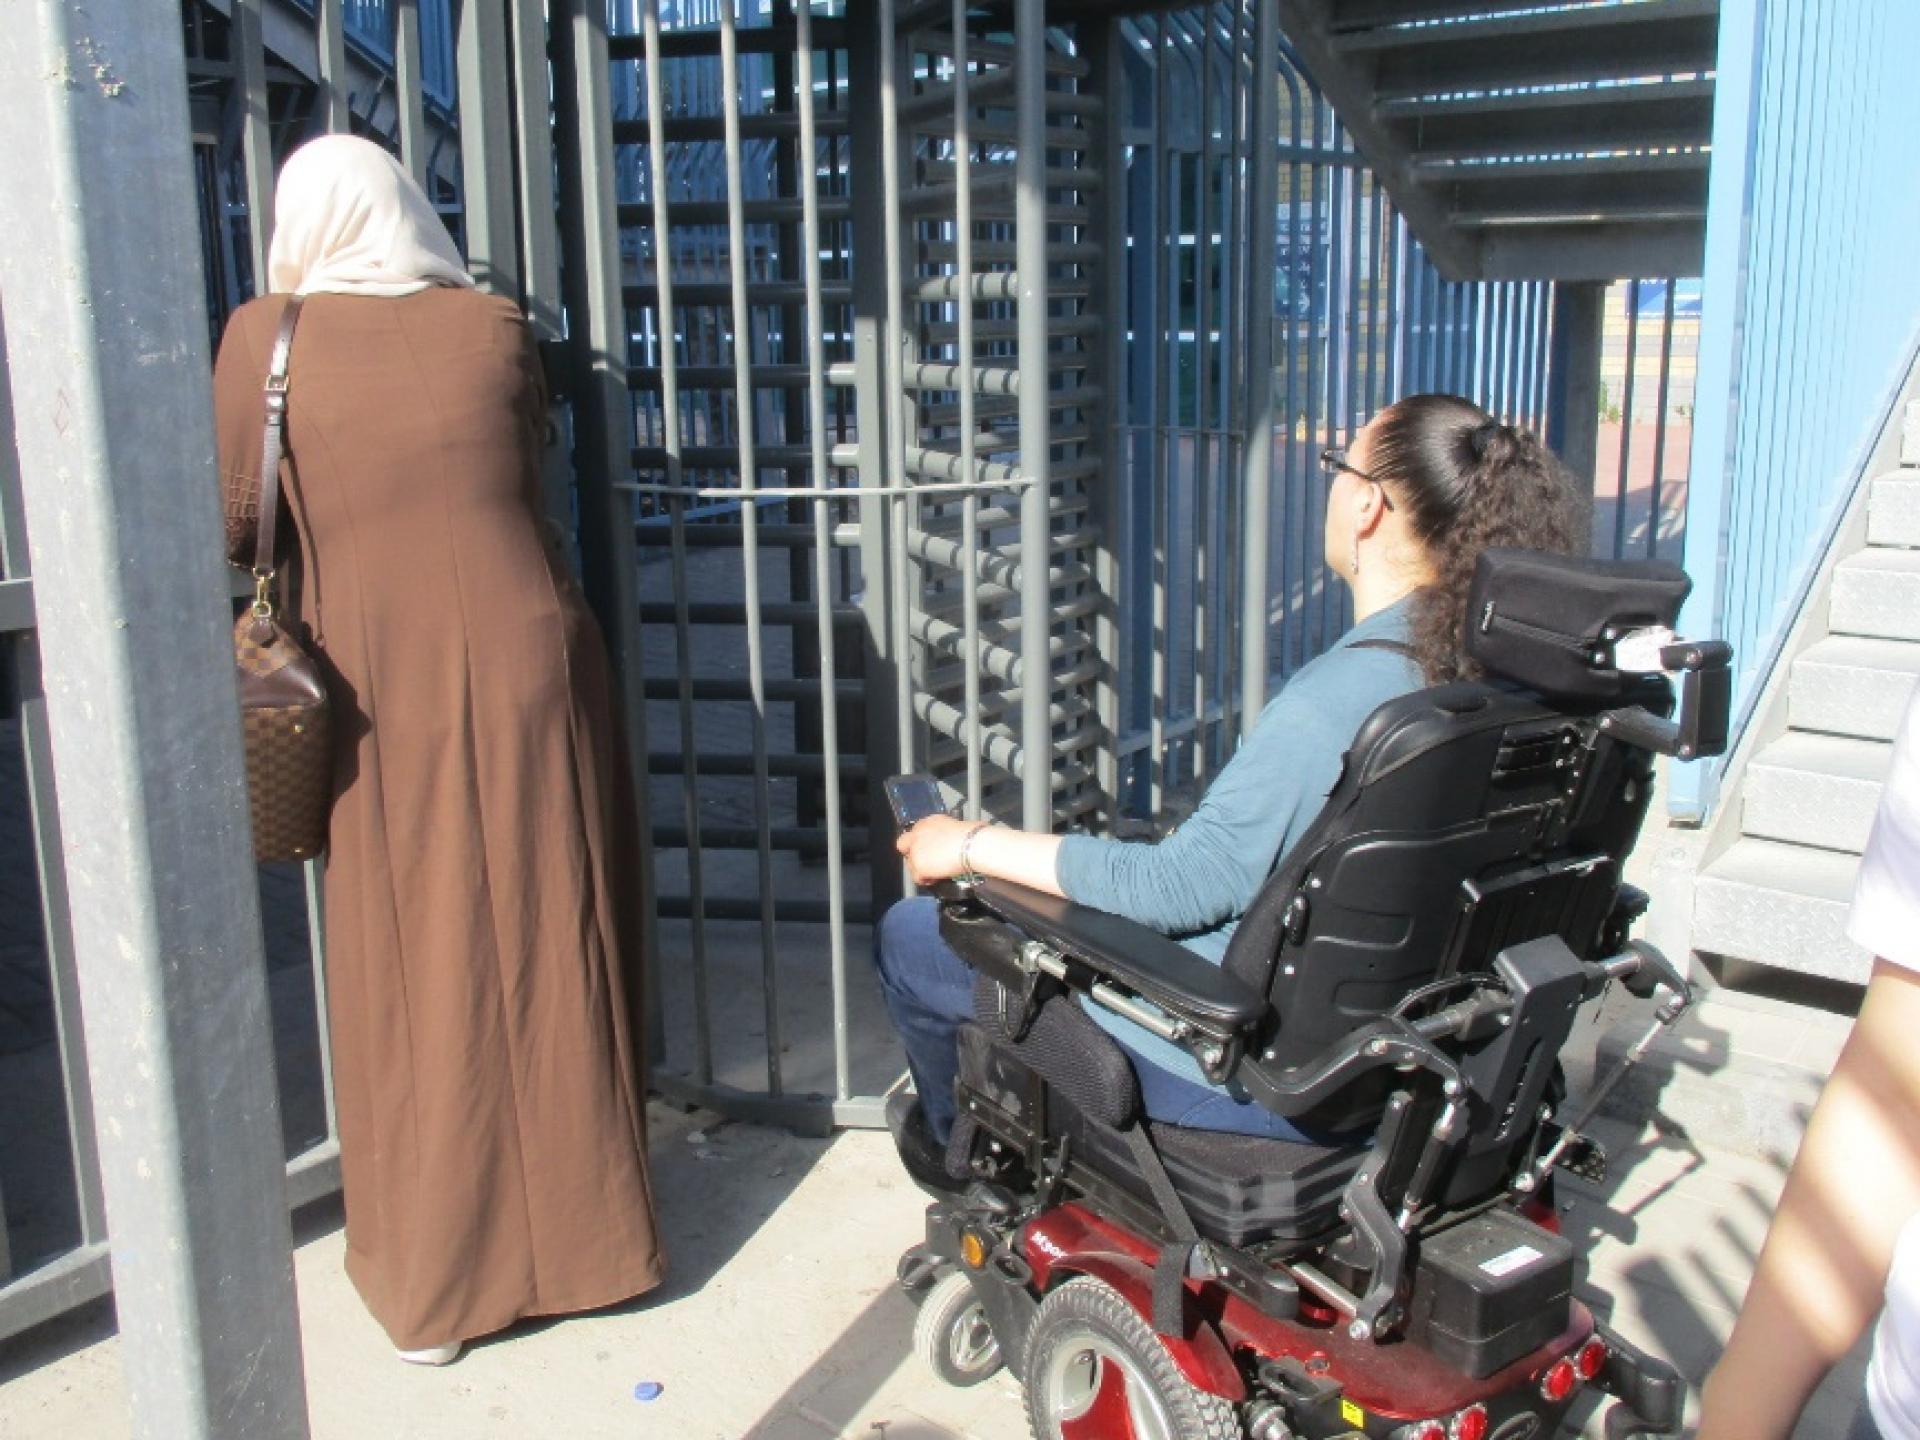 אמא ובתה הנכה לפני השער הסגור